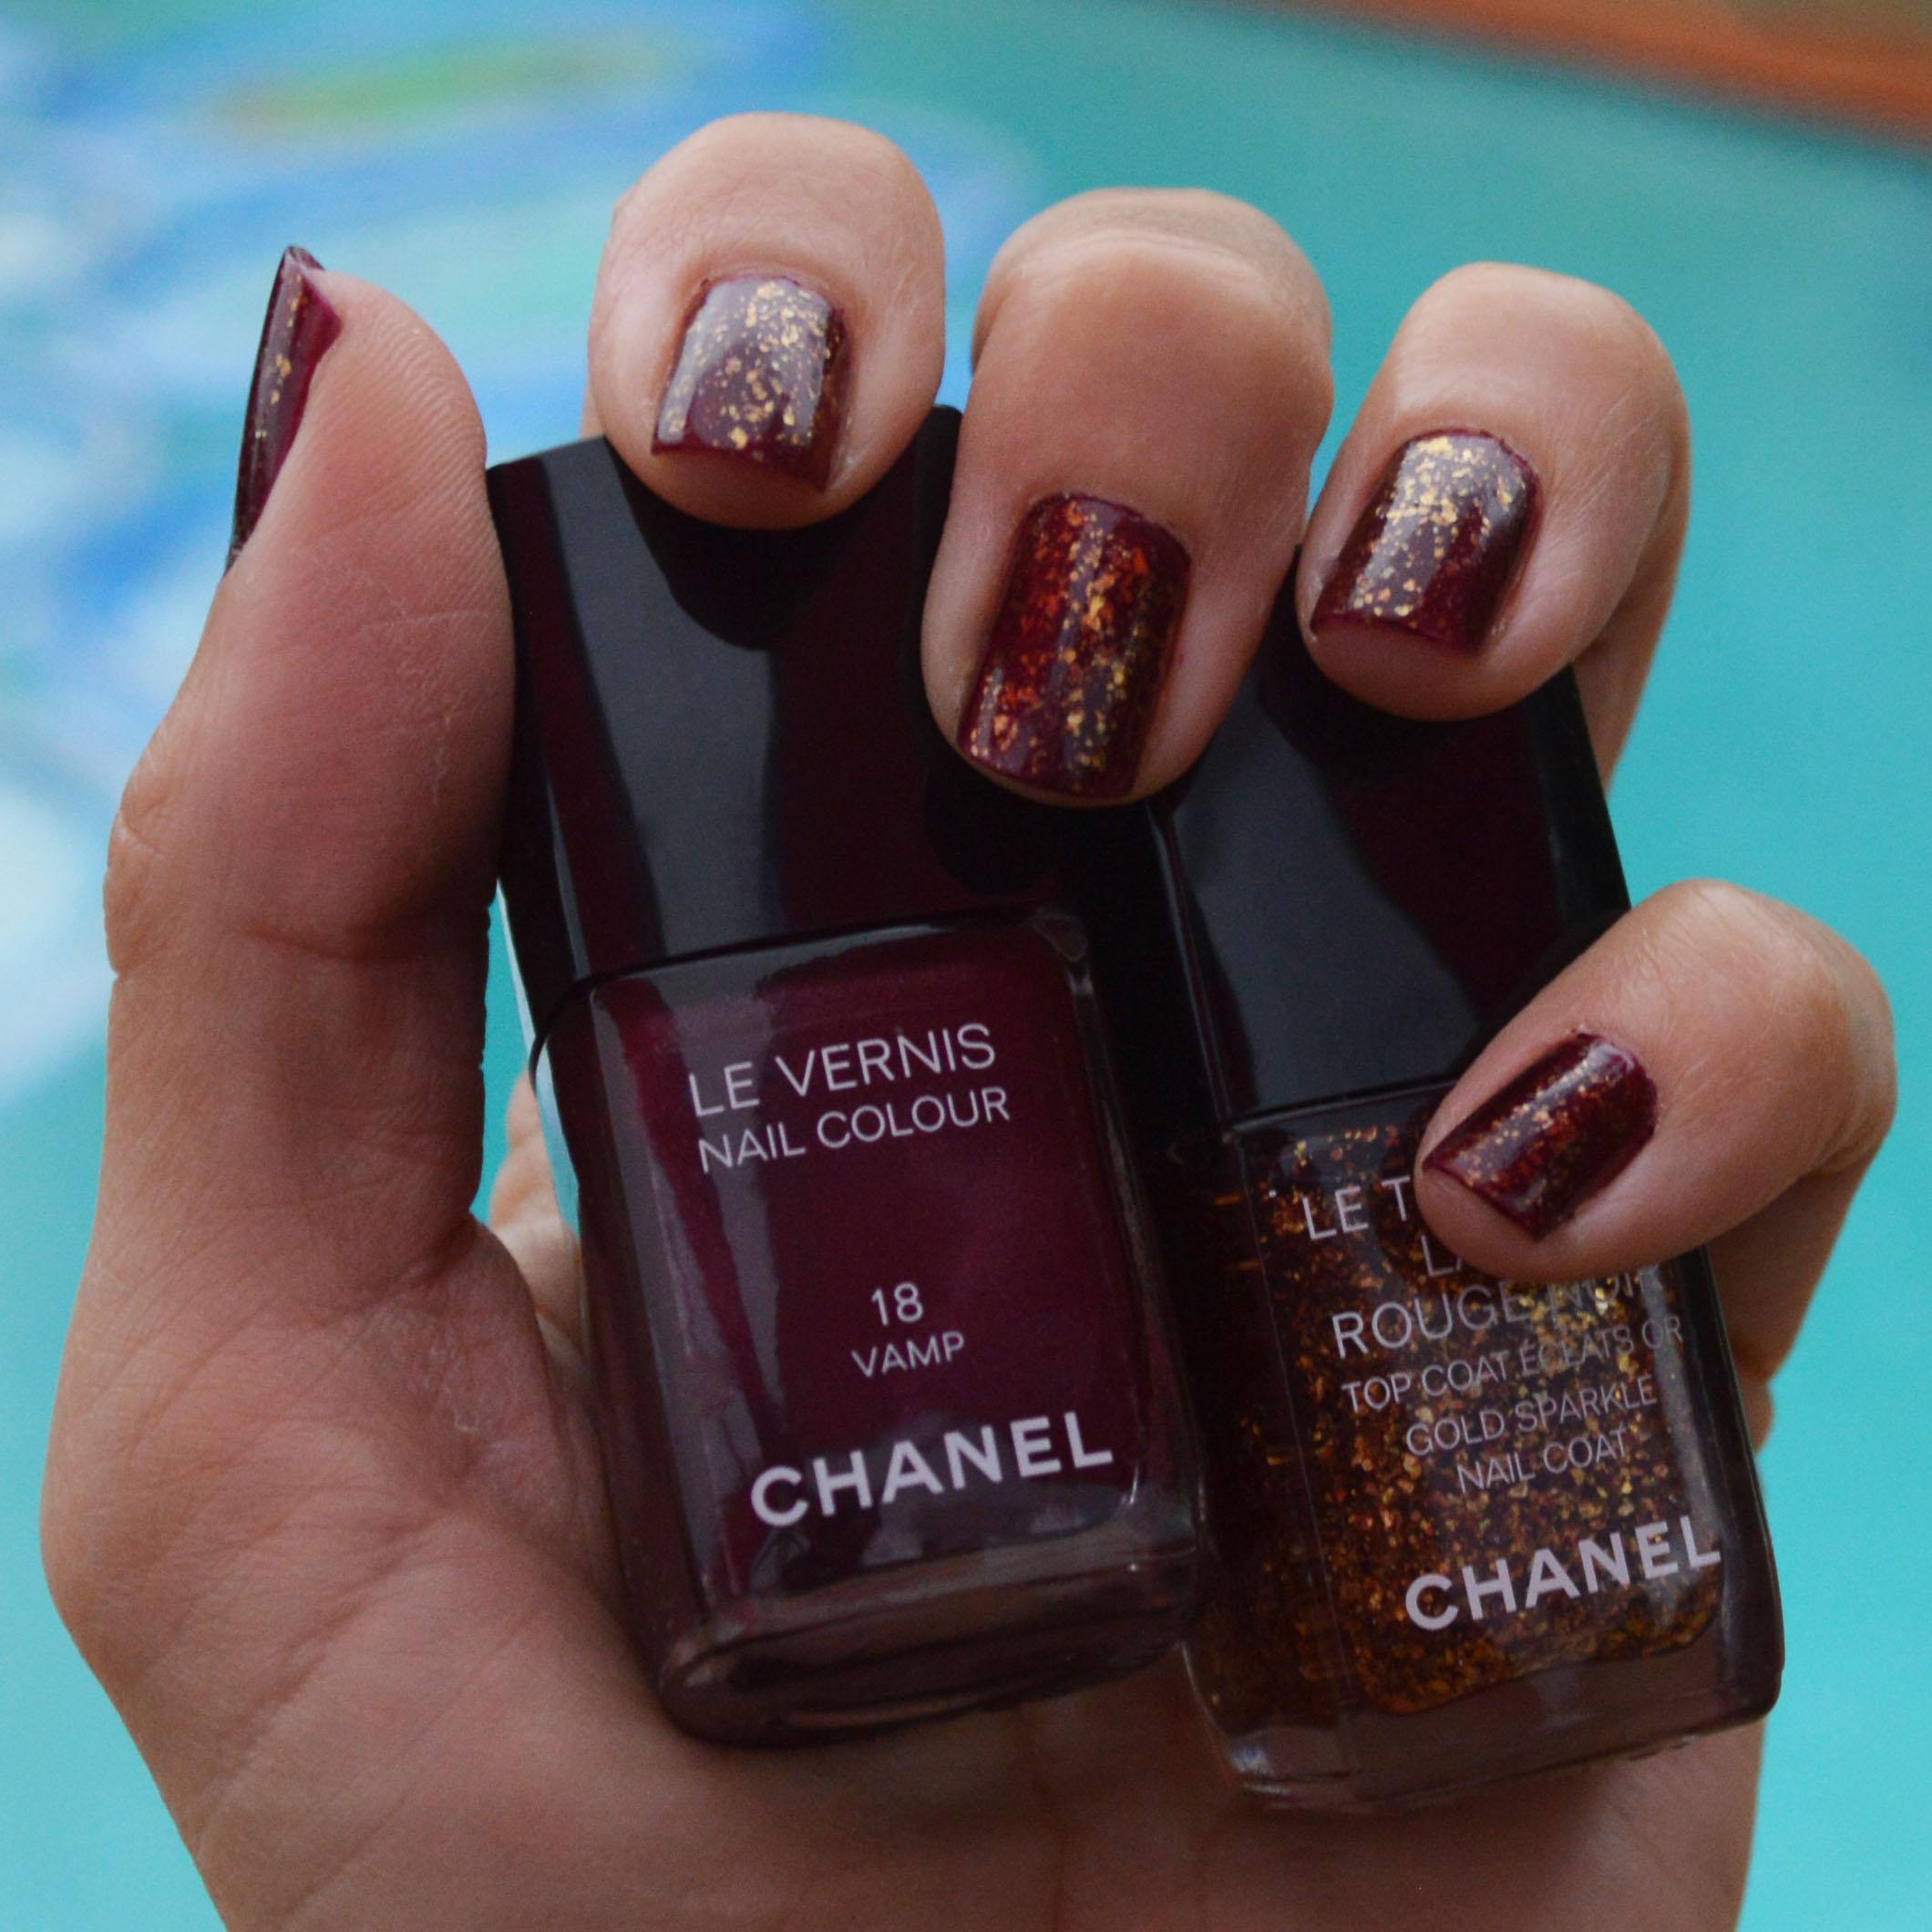 Chanel Le Top Coat Lame Rouge Noir Holidays 2015 Review